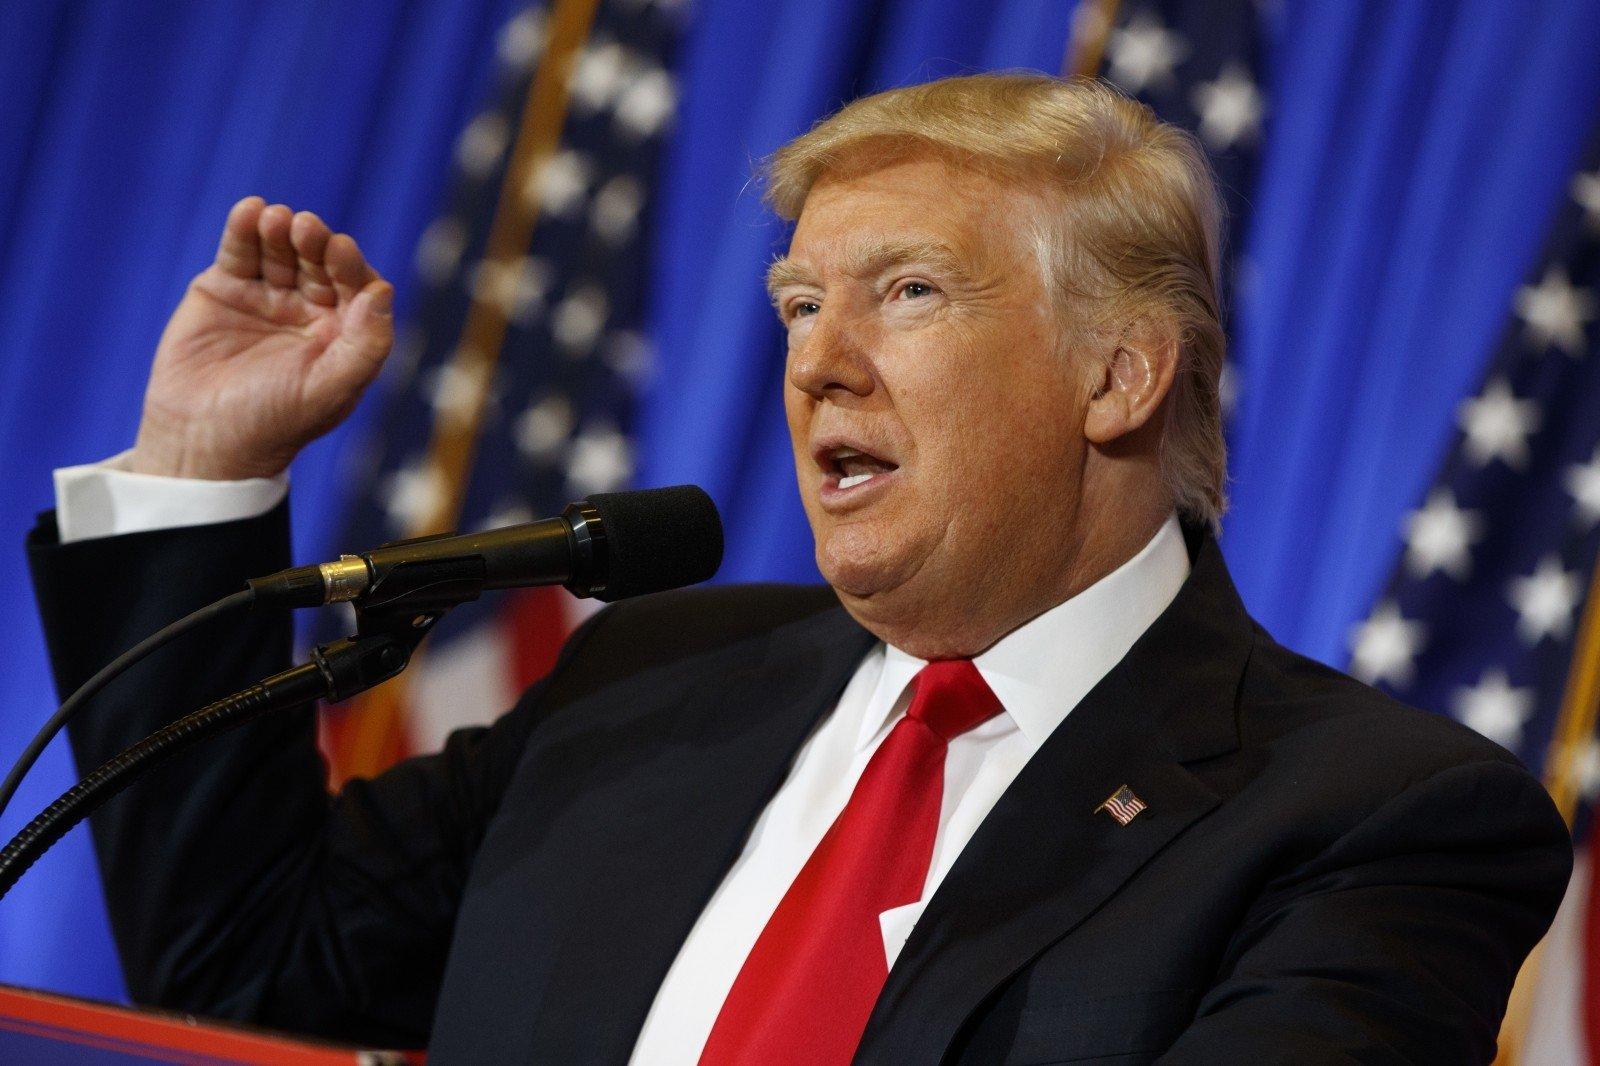 Трамп отменит санкции противРФ при условии удачного сотрудничества стран